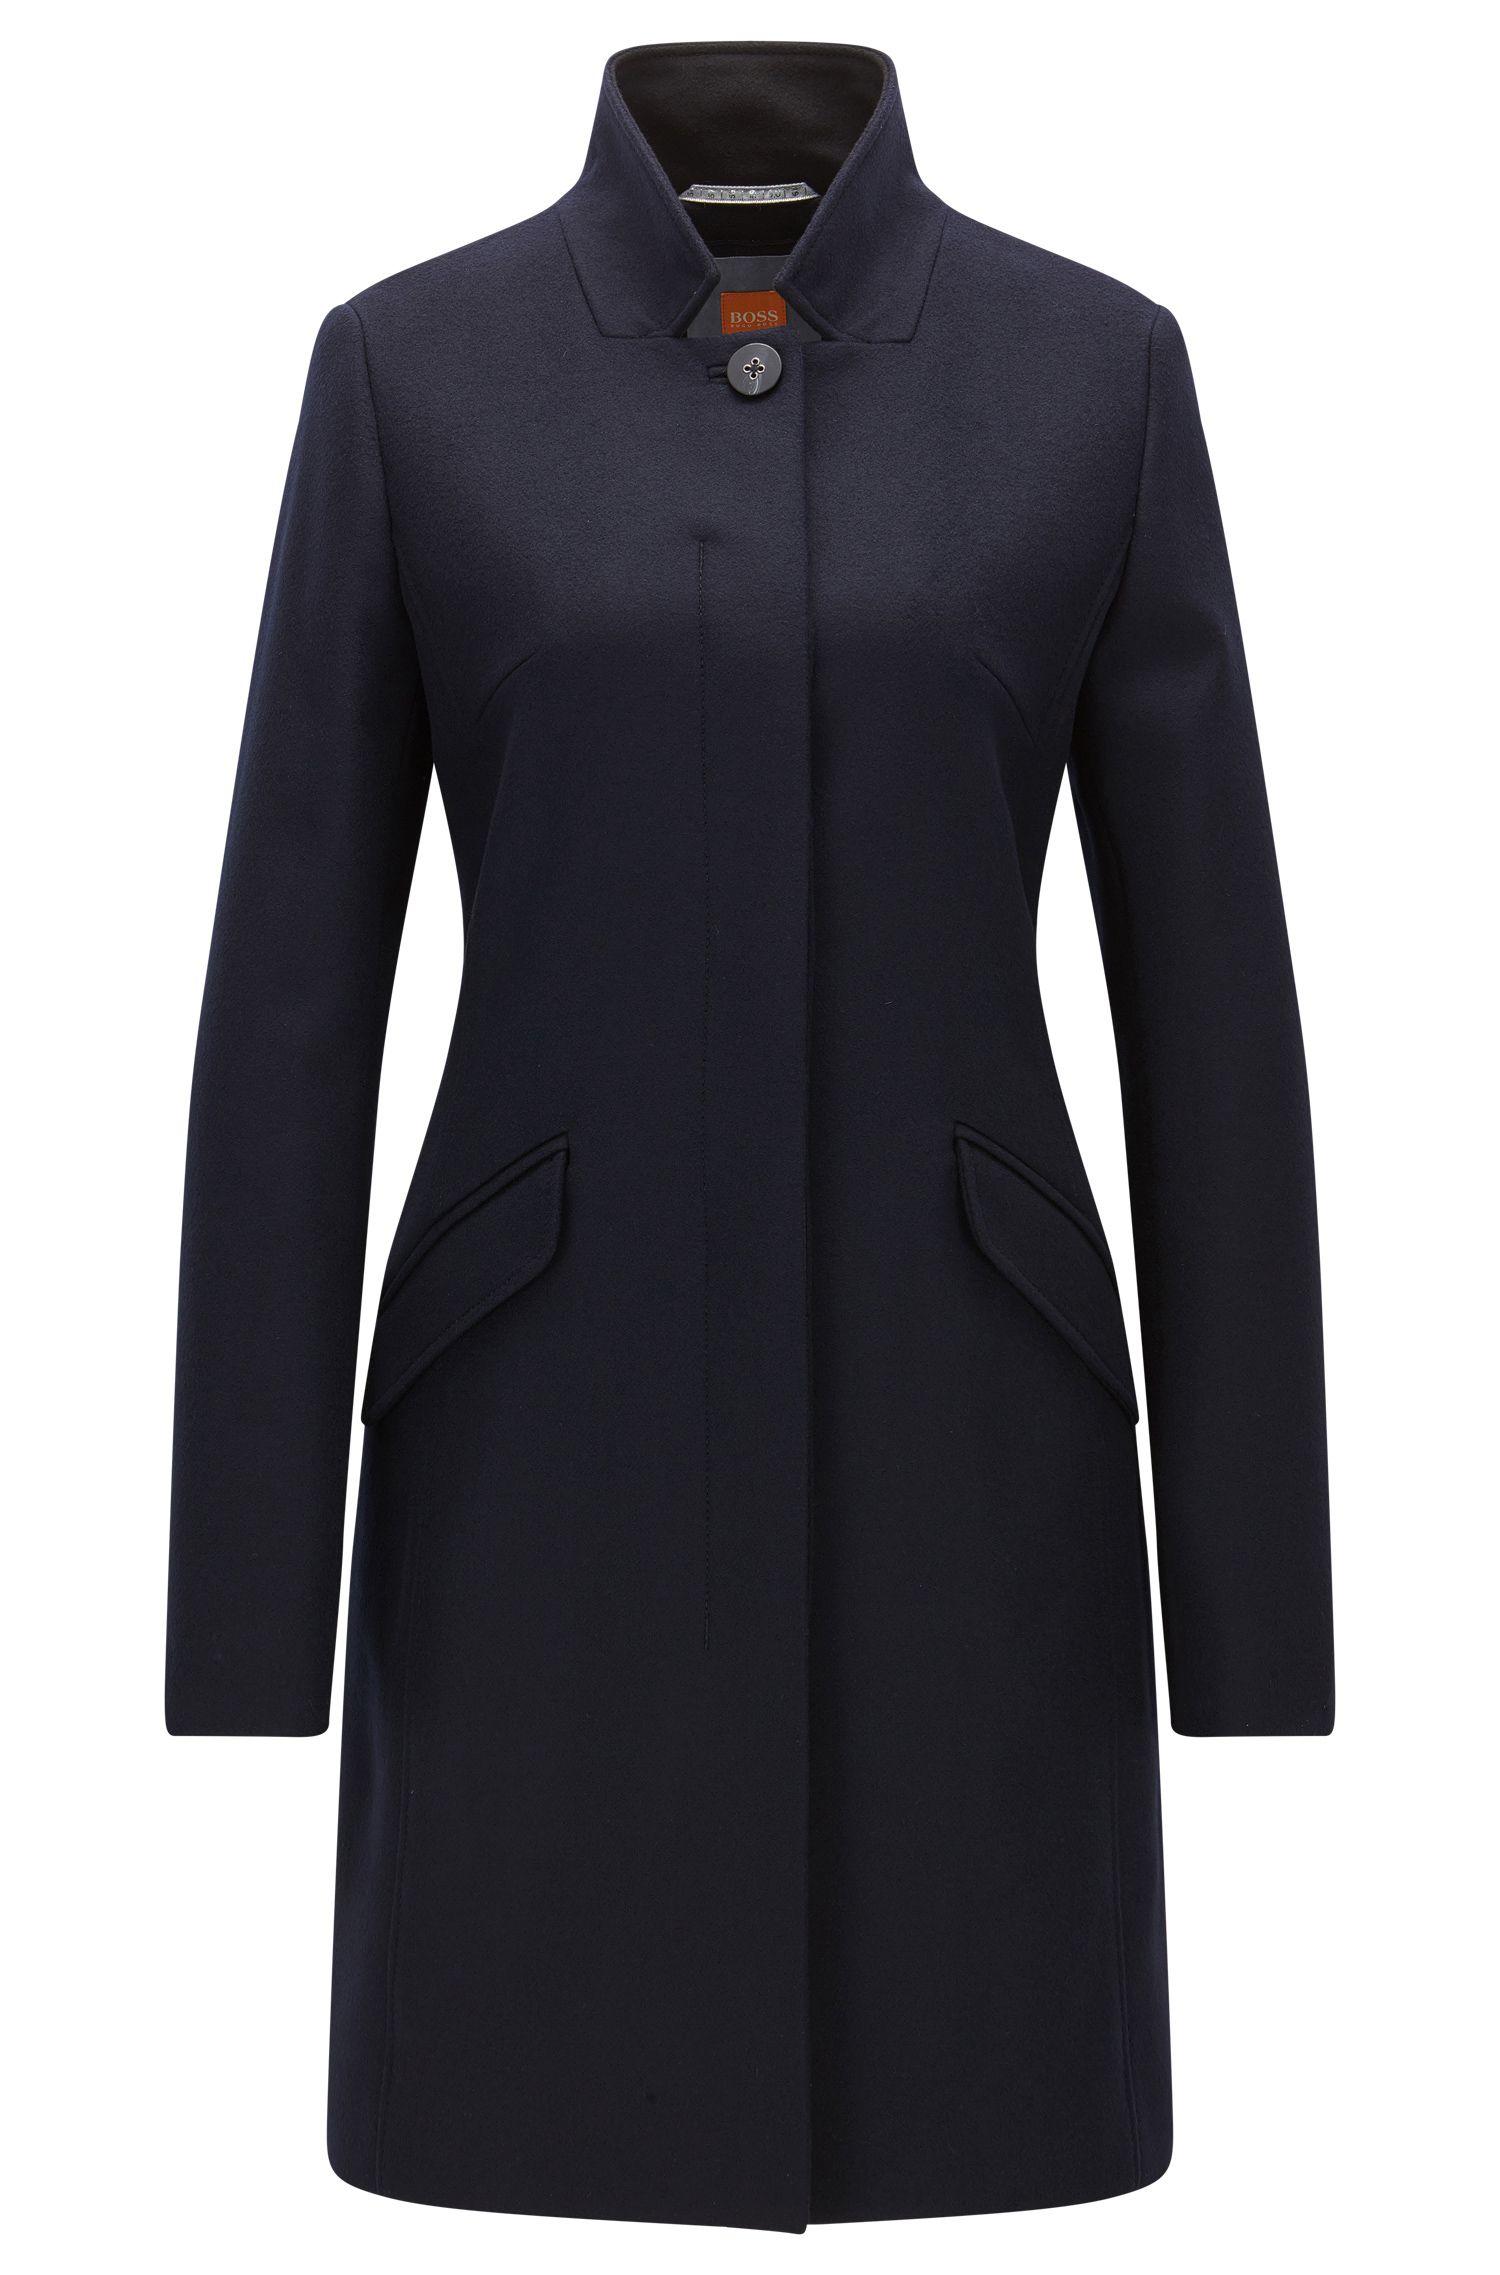 Mantel aus mittelschwerem Woll-Mix mit verdeckter Knopfleiste